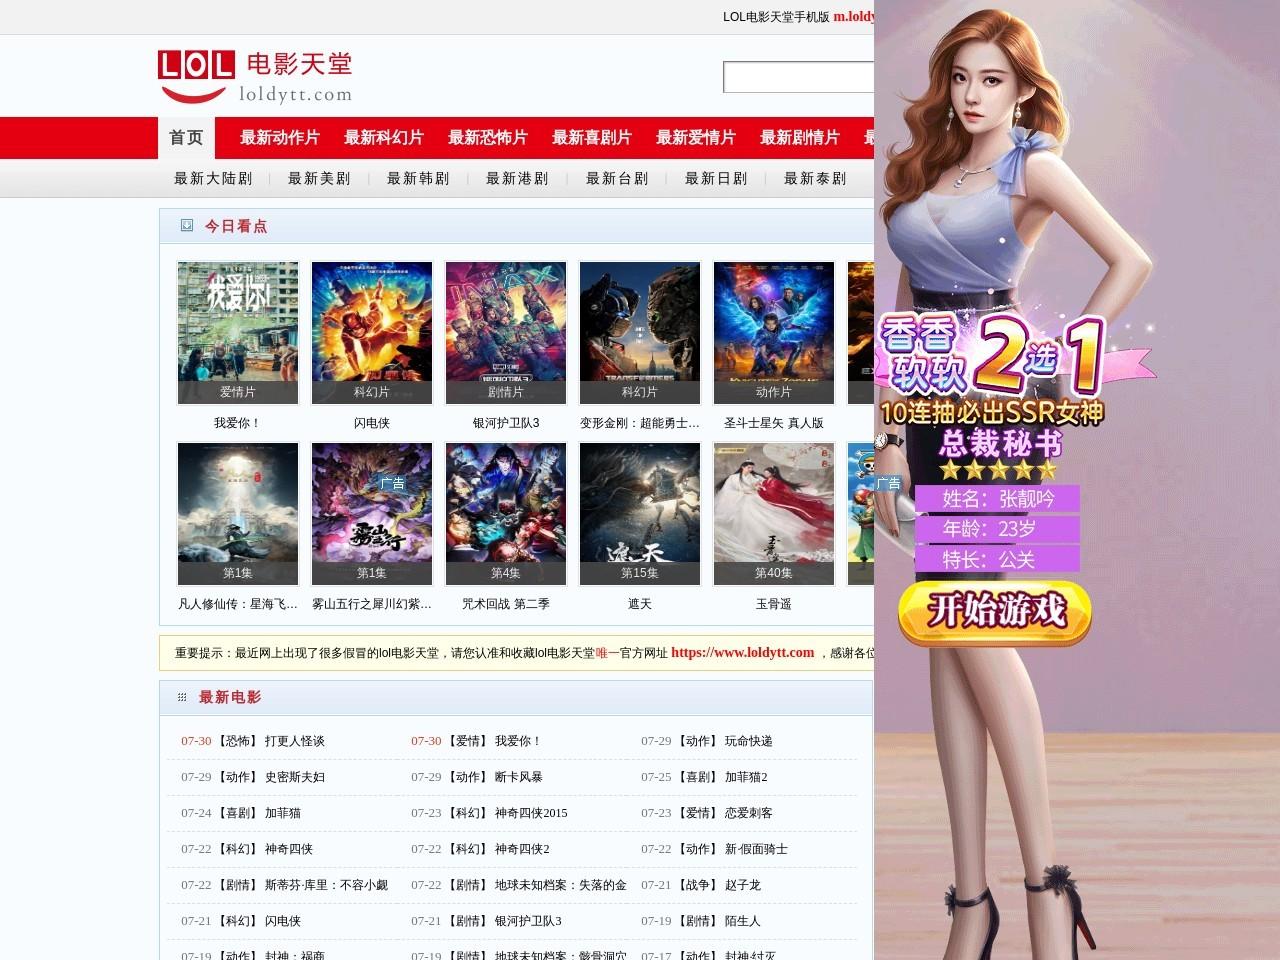 LOL电影天堂_电影天堂_全集网_最新电影迅雷下载